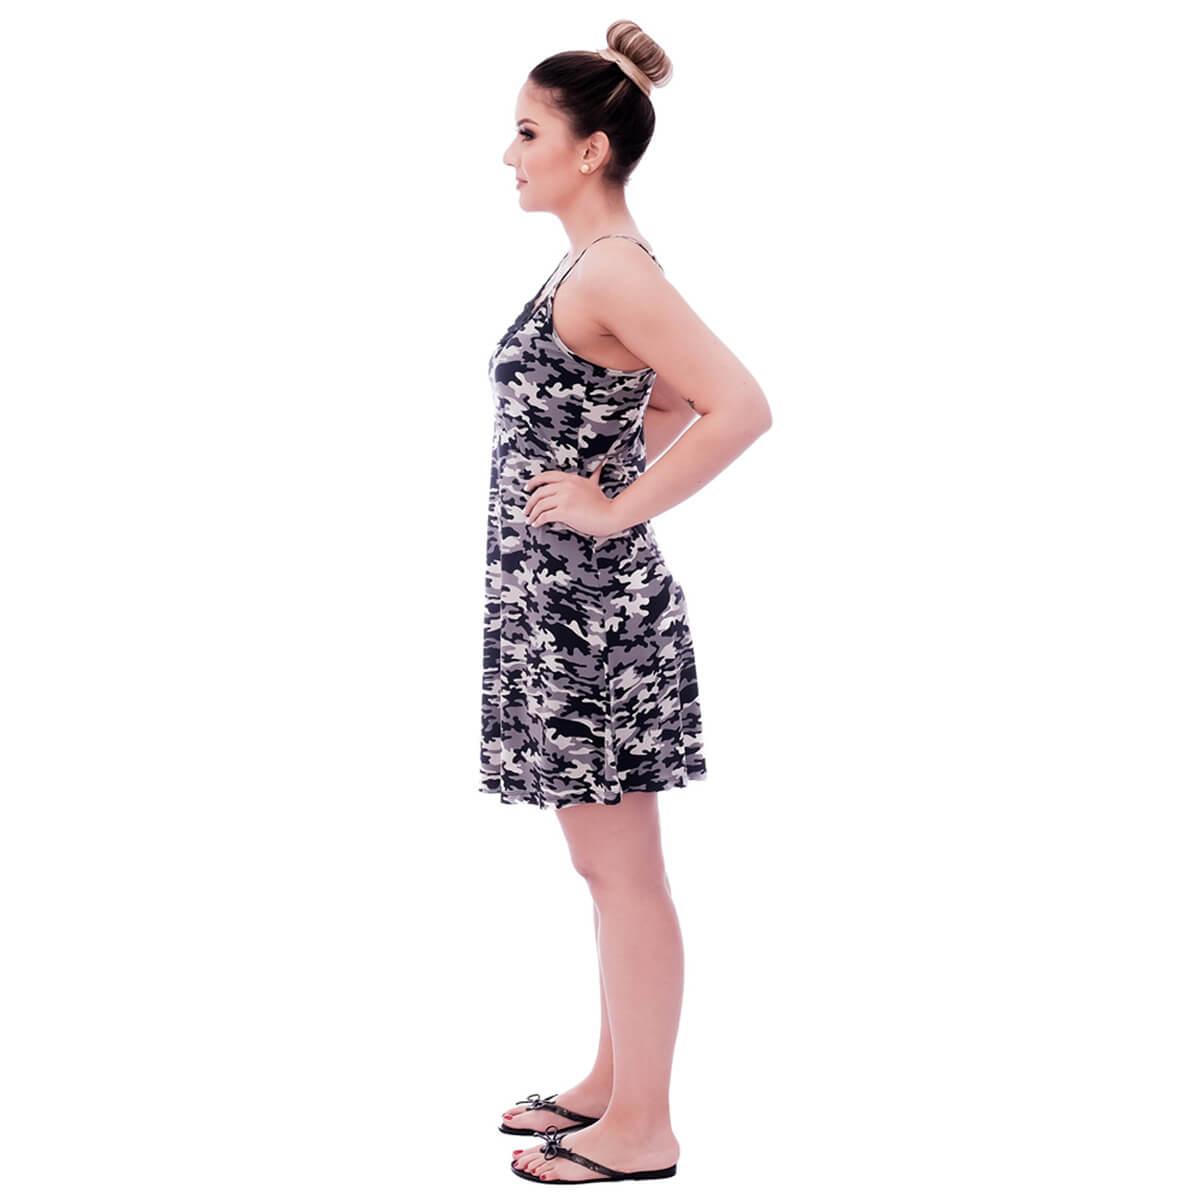 Camisola Feminina de Alça Fina Estampa Militar Camuflada com Renda Guipir Preta no Decote